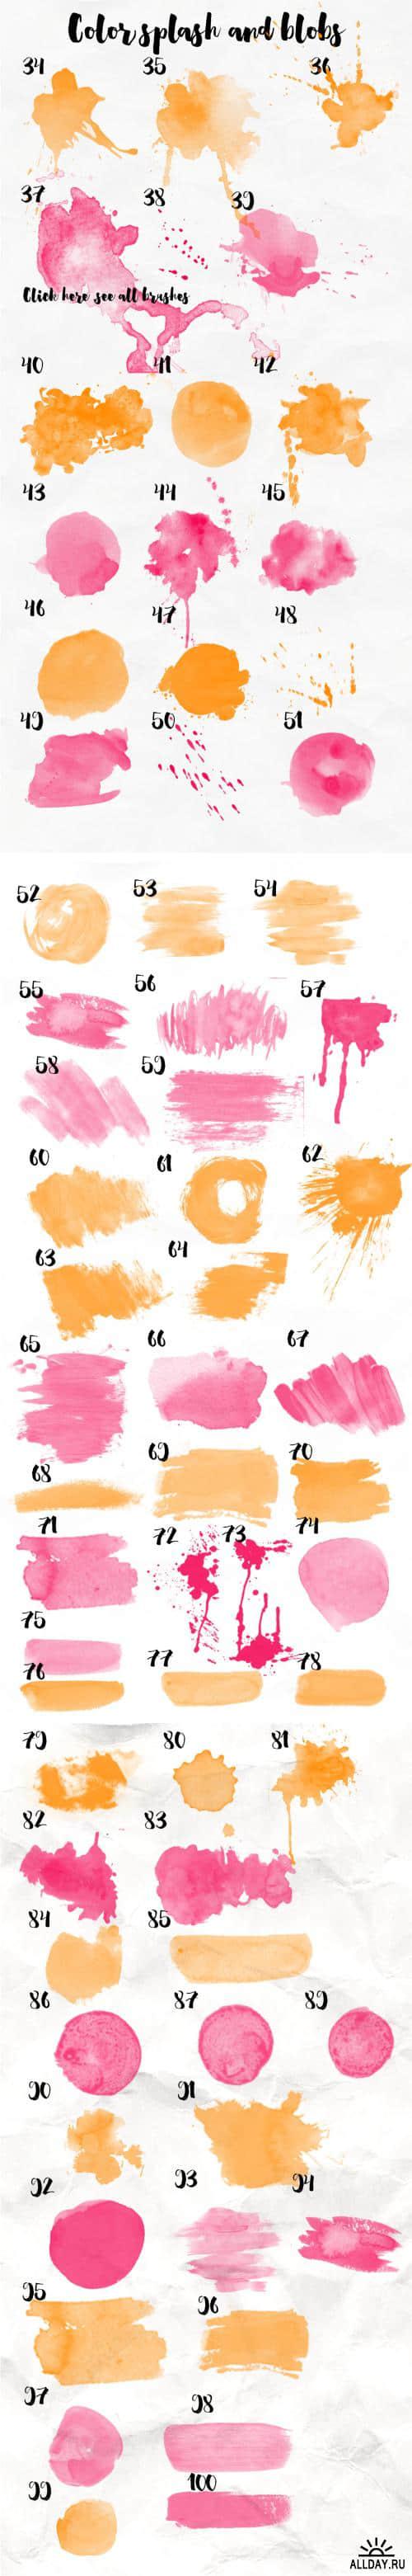 100种高品质手绘画笔笔触Photoshop画笔笔刷 笔触笔刷 油刷笔刷 手绘笔刷 刷子笔刷  photoshop brush